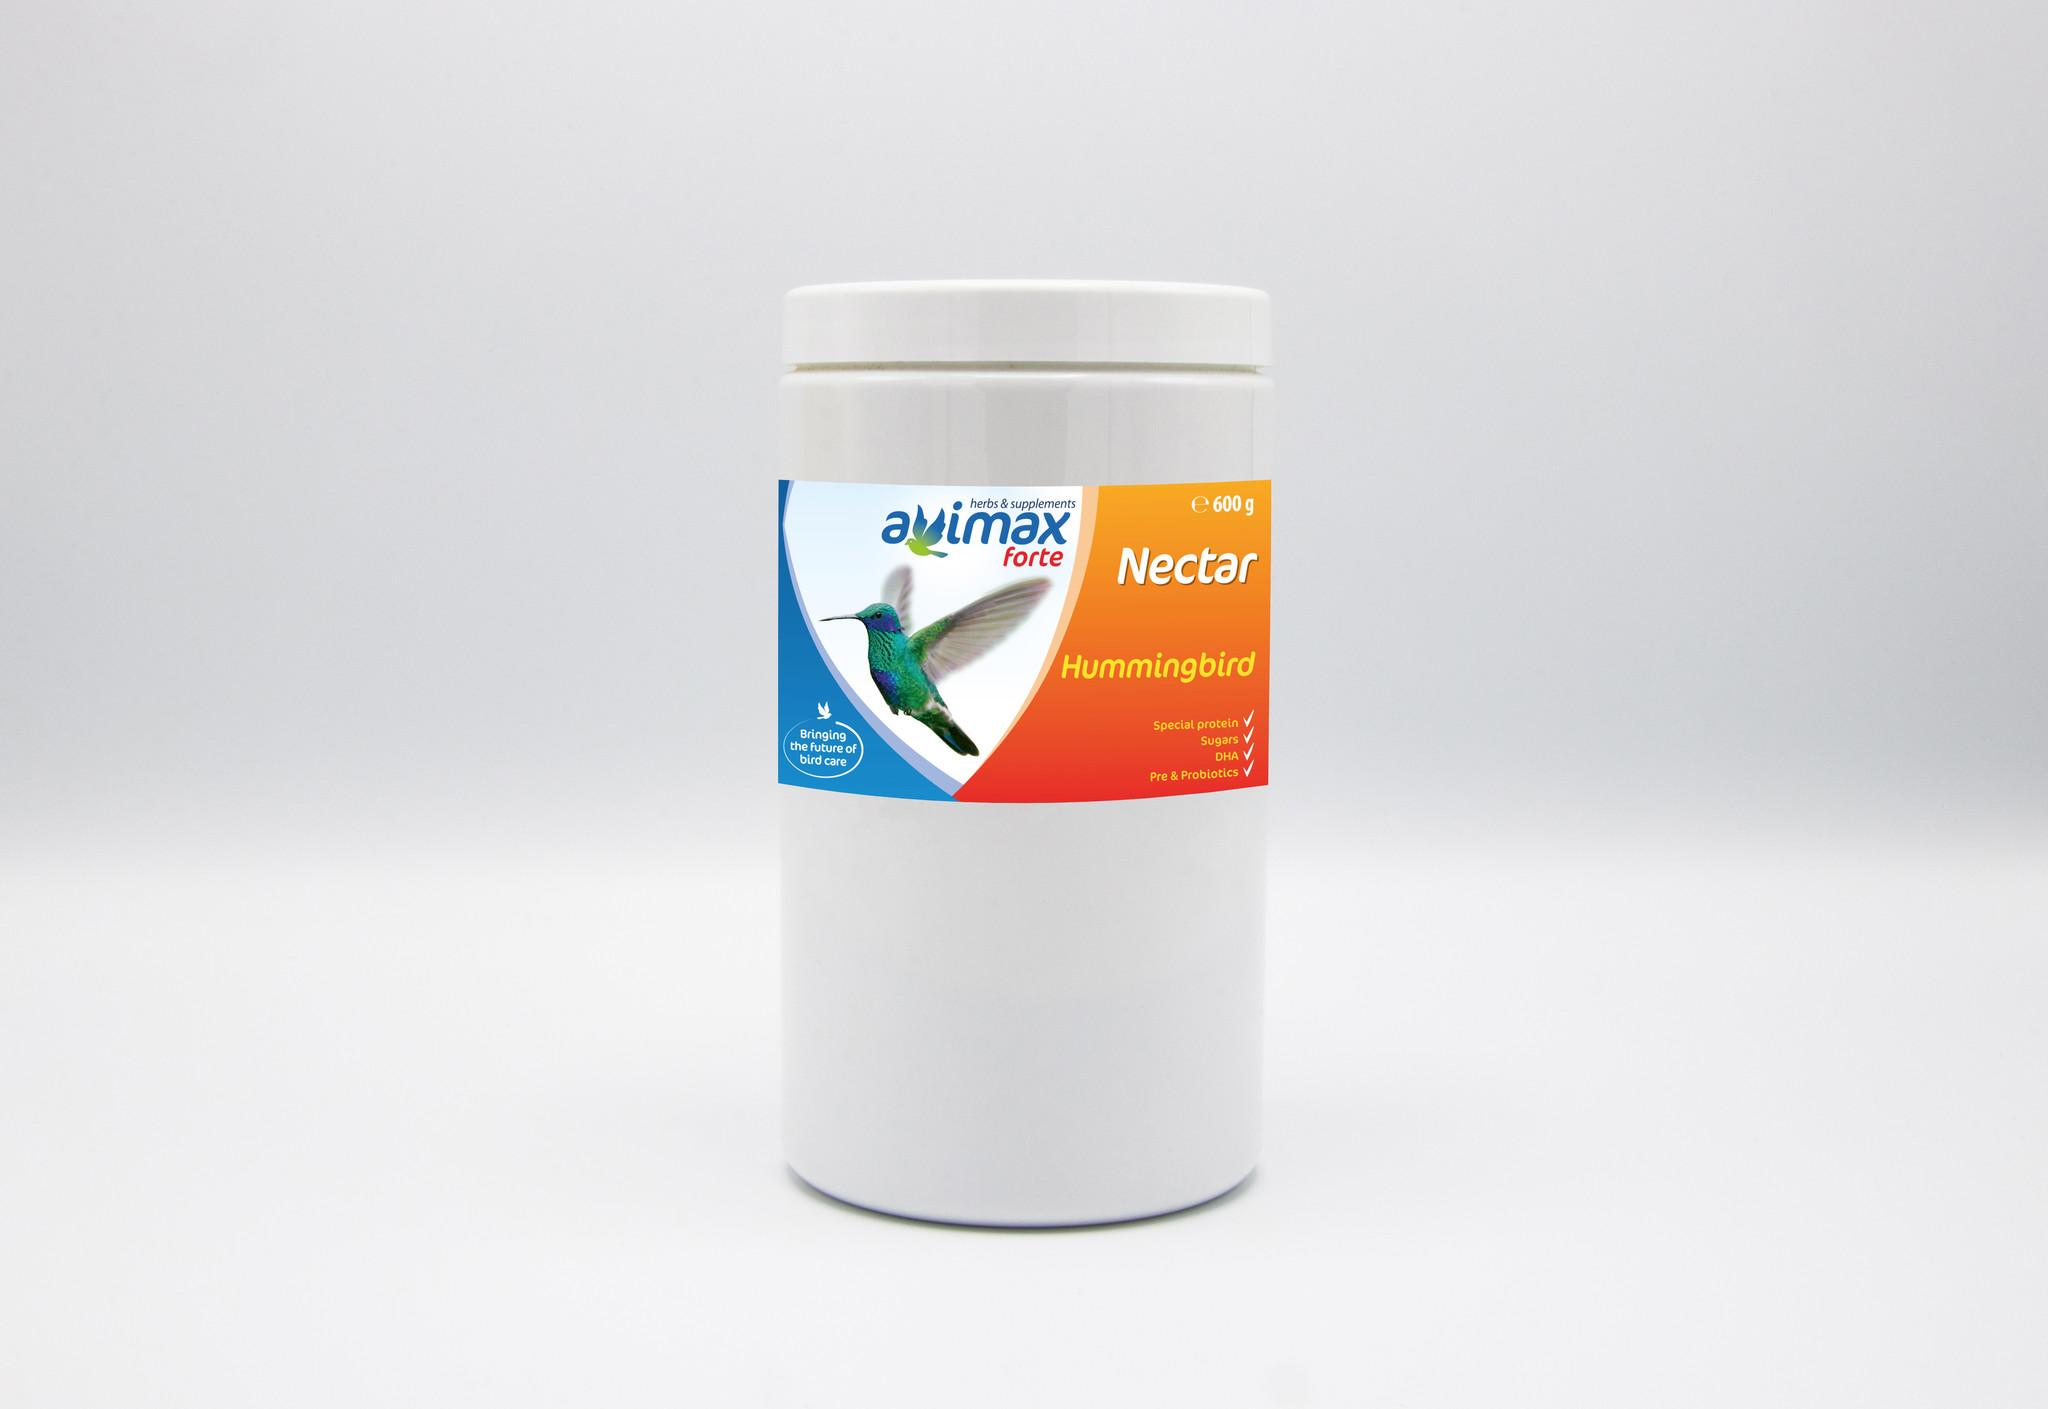 AviMax Forte AviMax Forte Hummingbird Nectar